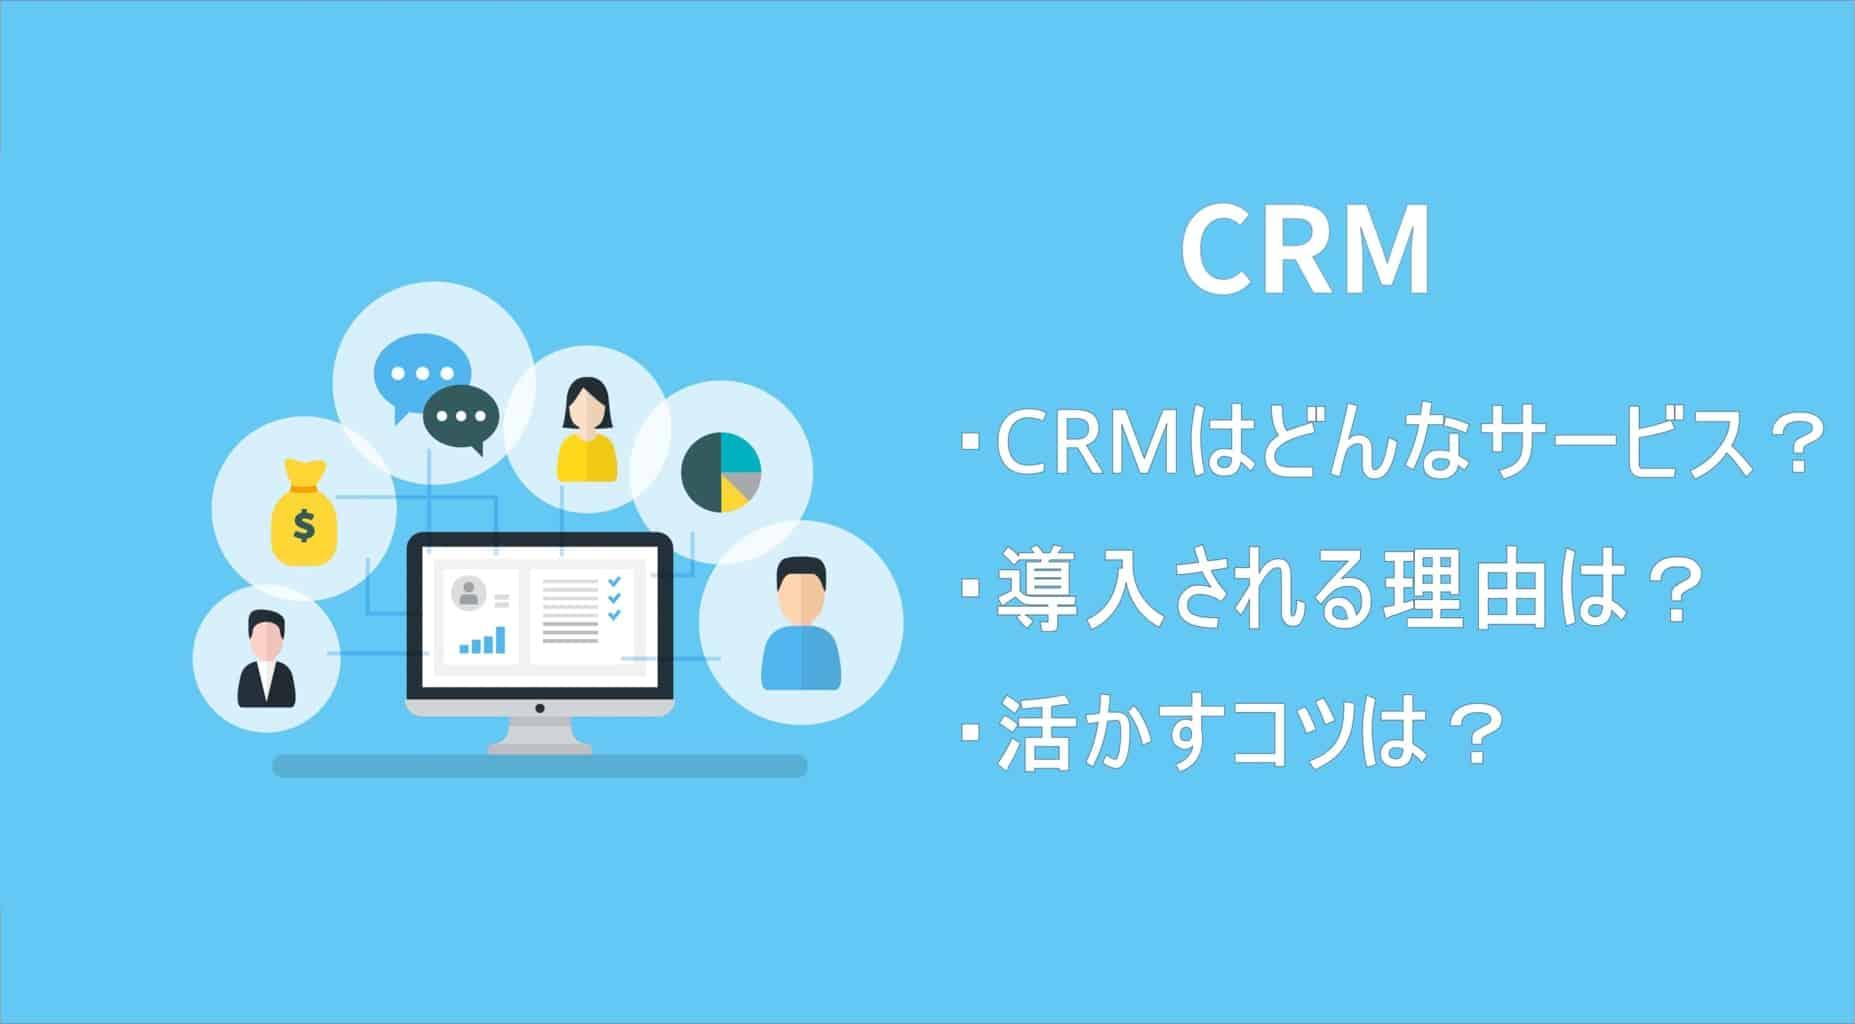 CRMはどんなサービス?CRMの役割や活かすコツも紹介!